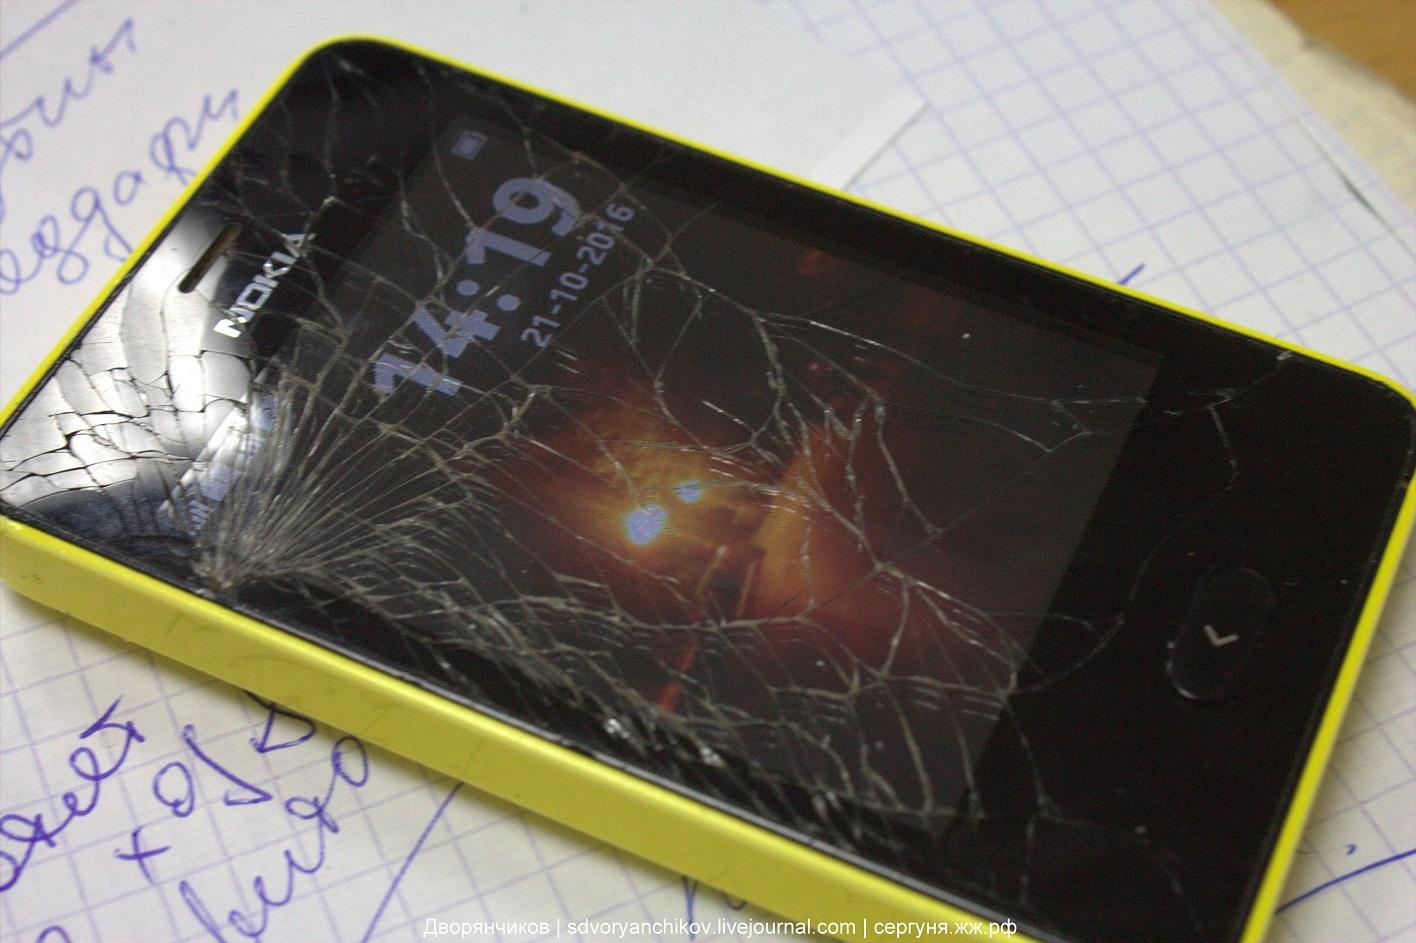 мой сотик - Nokia Asha 501 - экран раскололся